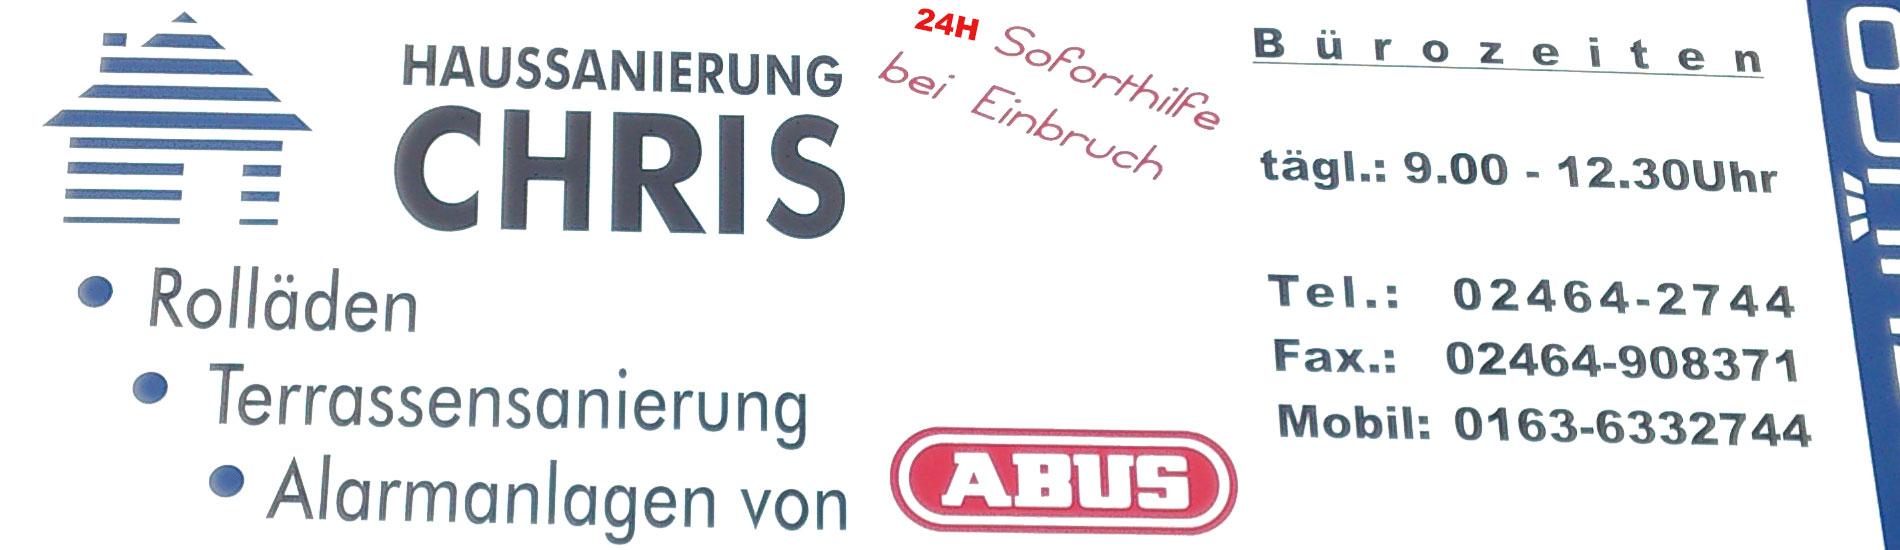 Chris-Haussanierung-Slide4